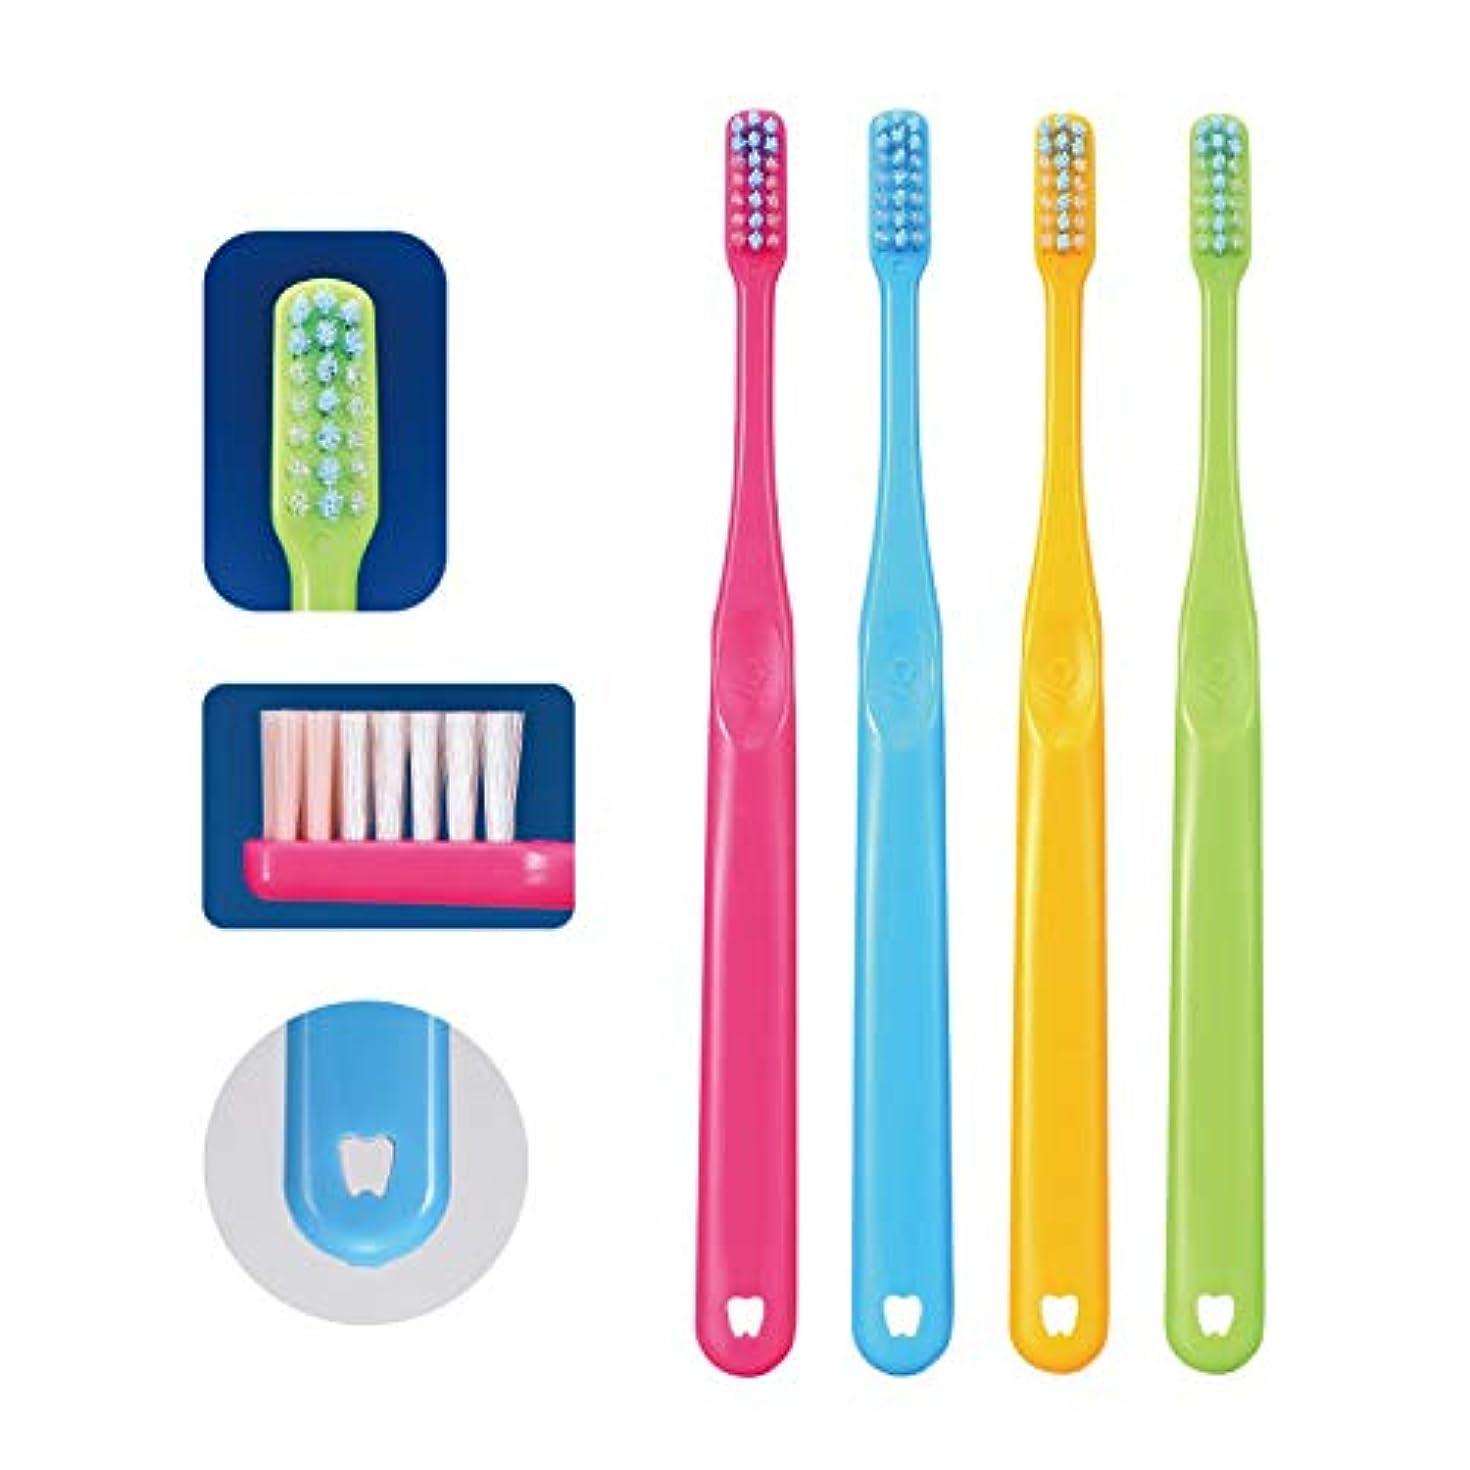 注目すべきヘビモールス信号Ci PRO PLUS プロプラス 歯ブラシ 20本 S(やわらかめ) 日本製 プラーク除去 歯科専売品